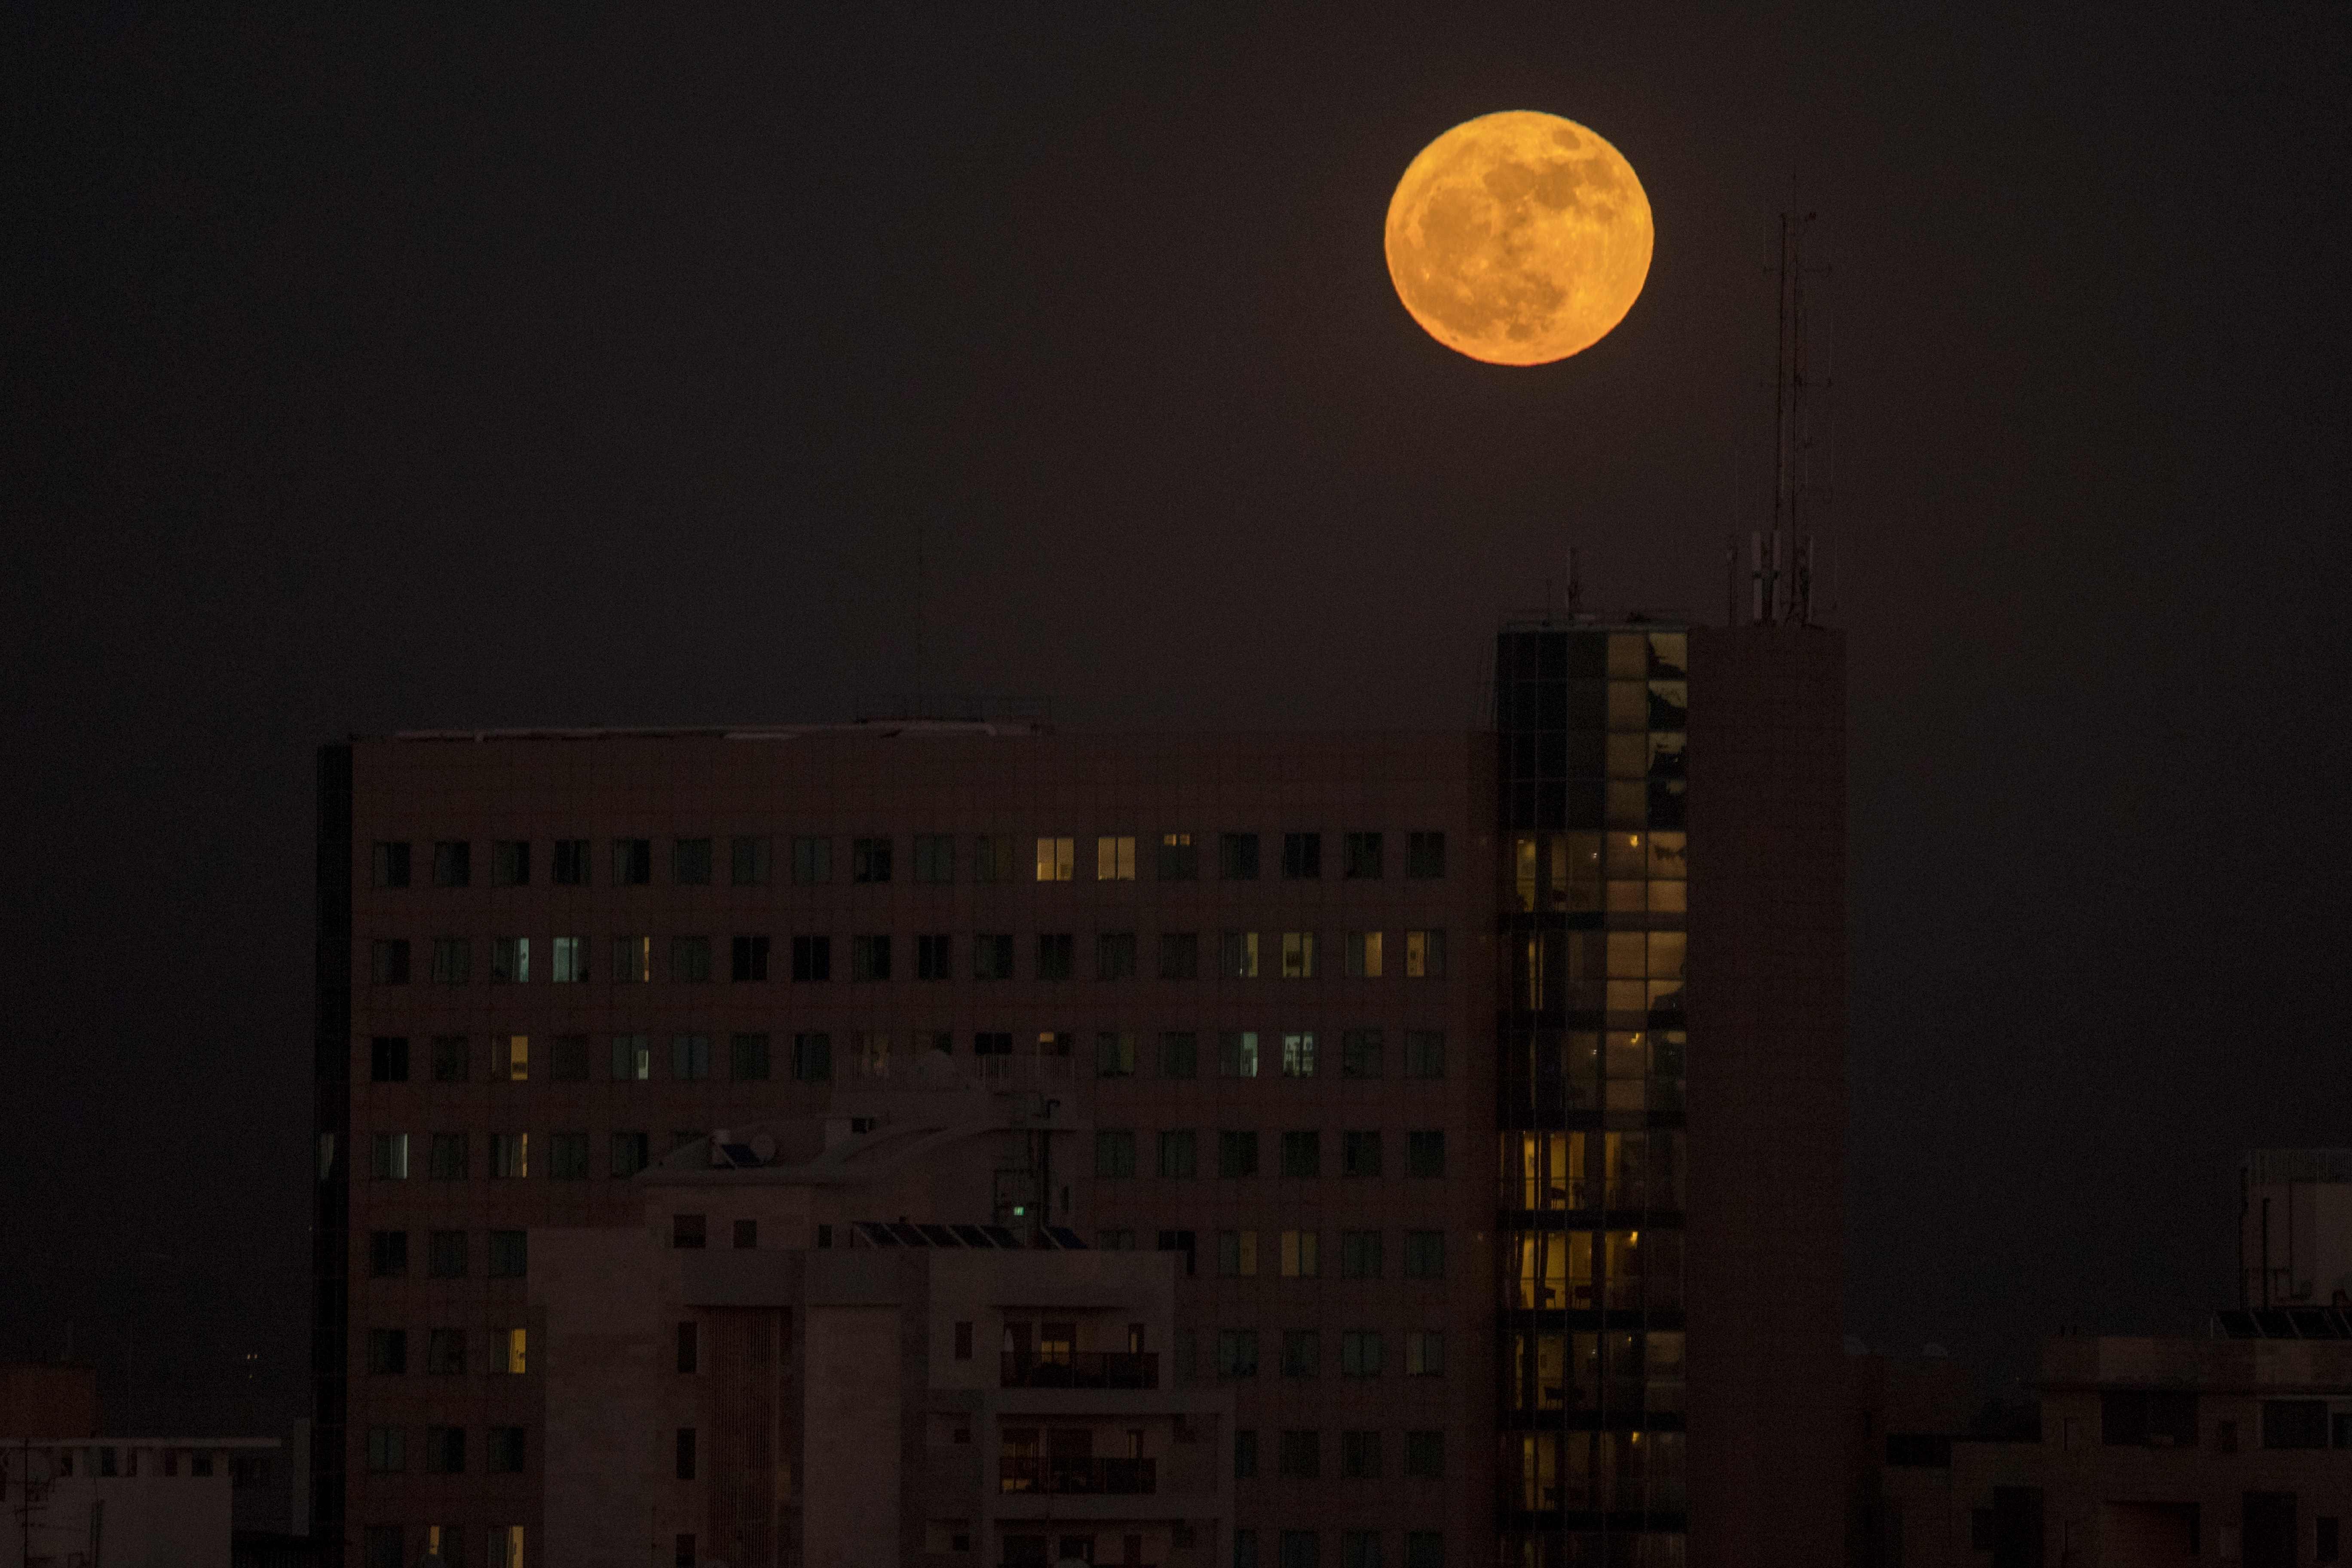 القمر العملاق فى فلسطين